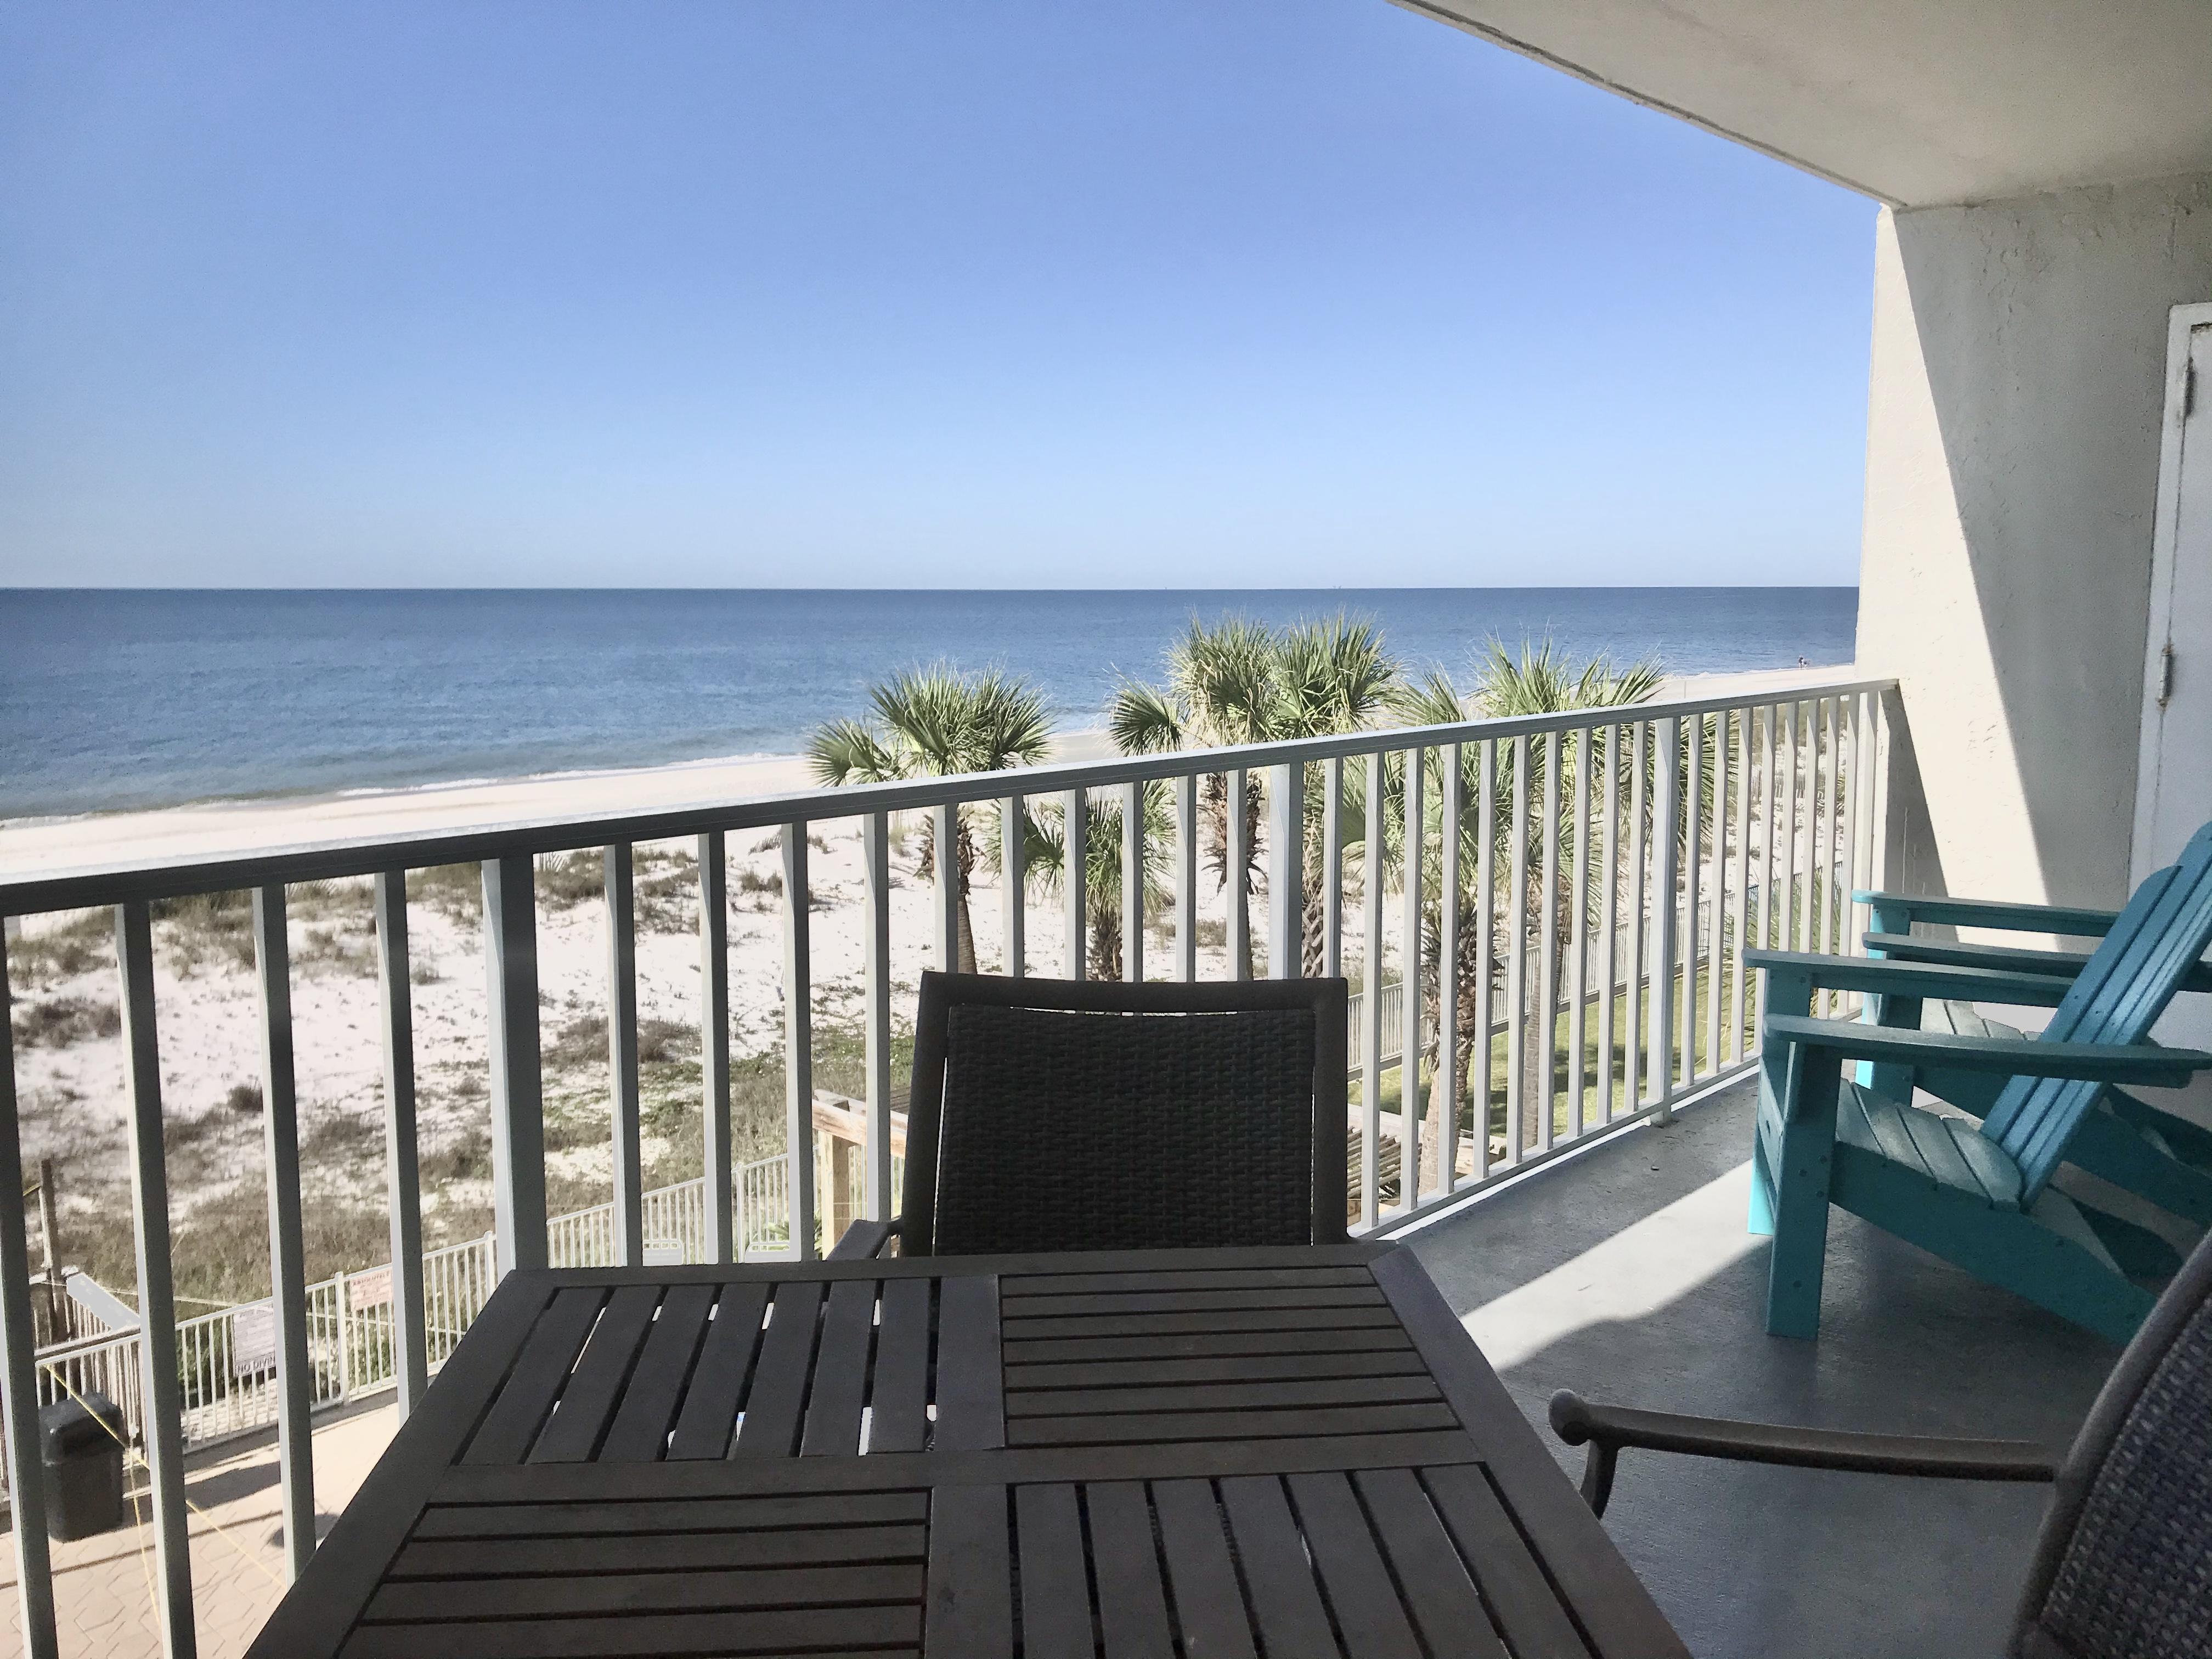 Ocean House 1303 Condo rental in Ocean House - Gulf Shores in Gulf Shores Alabama - #50